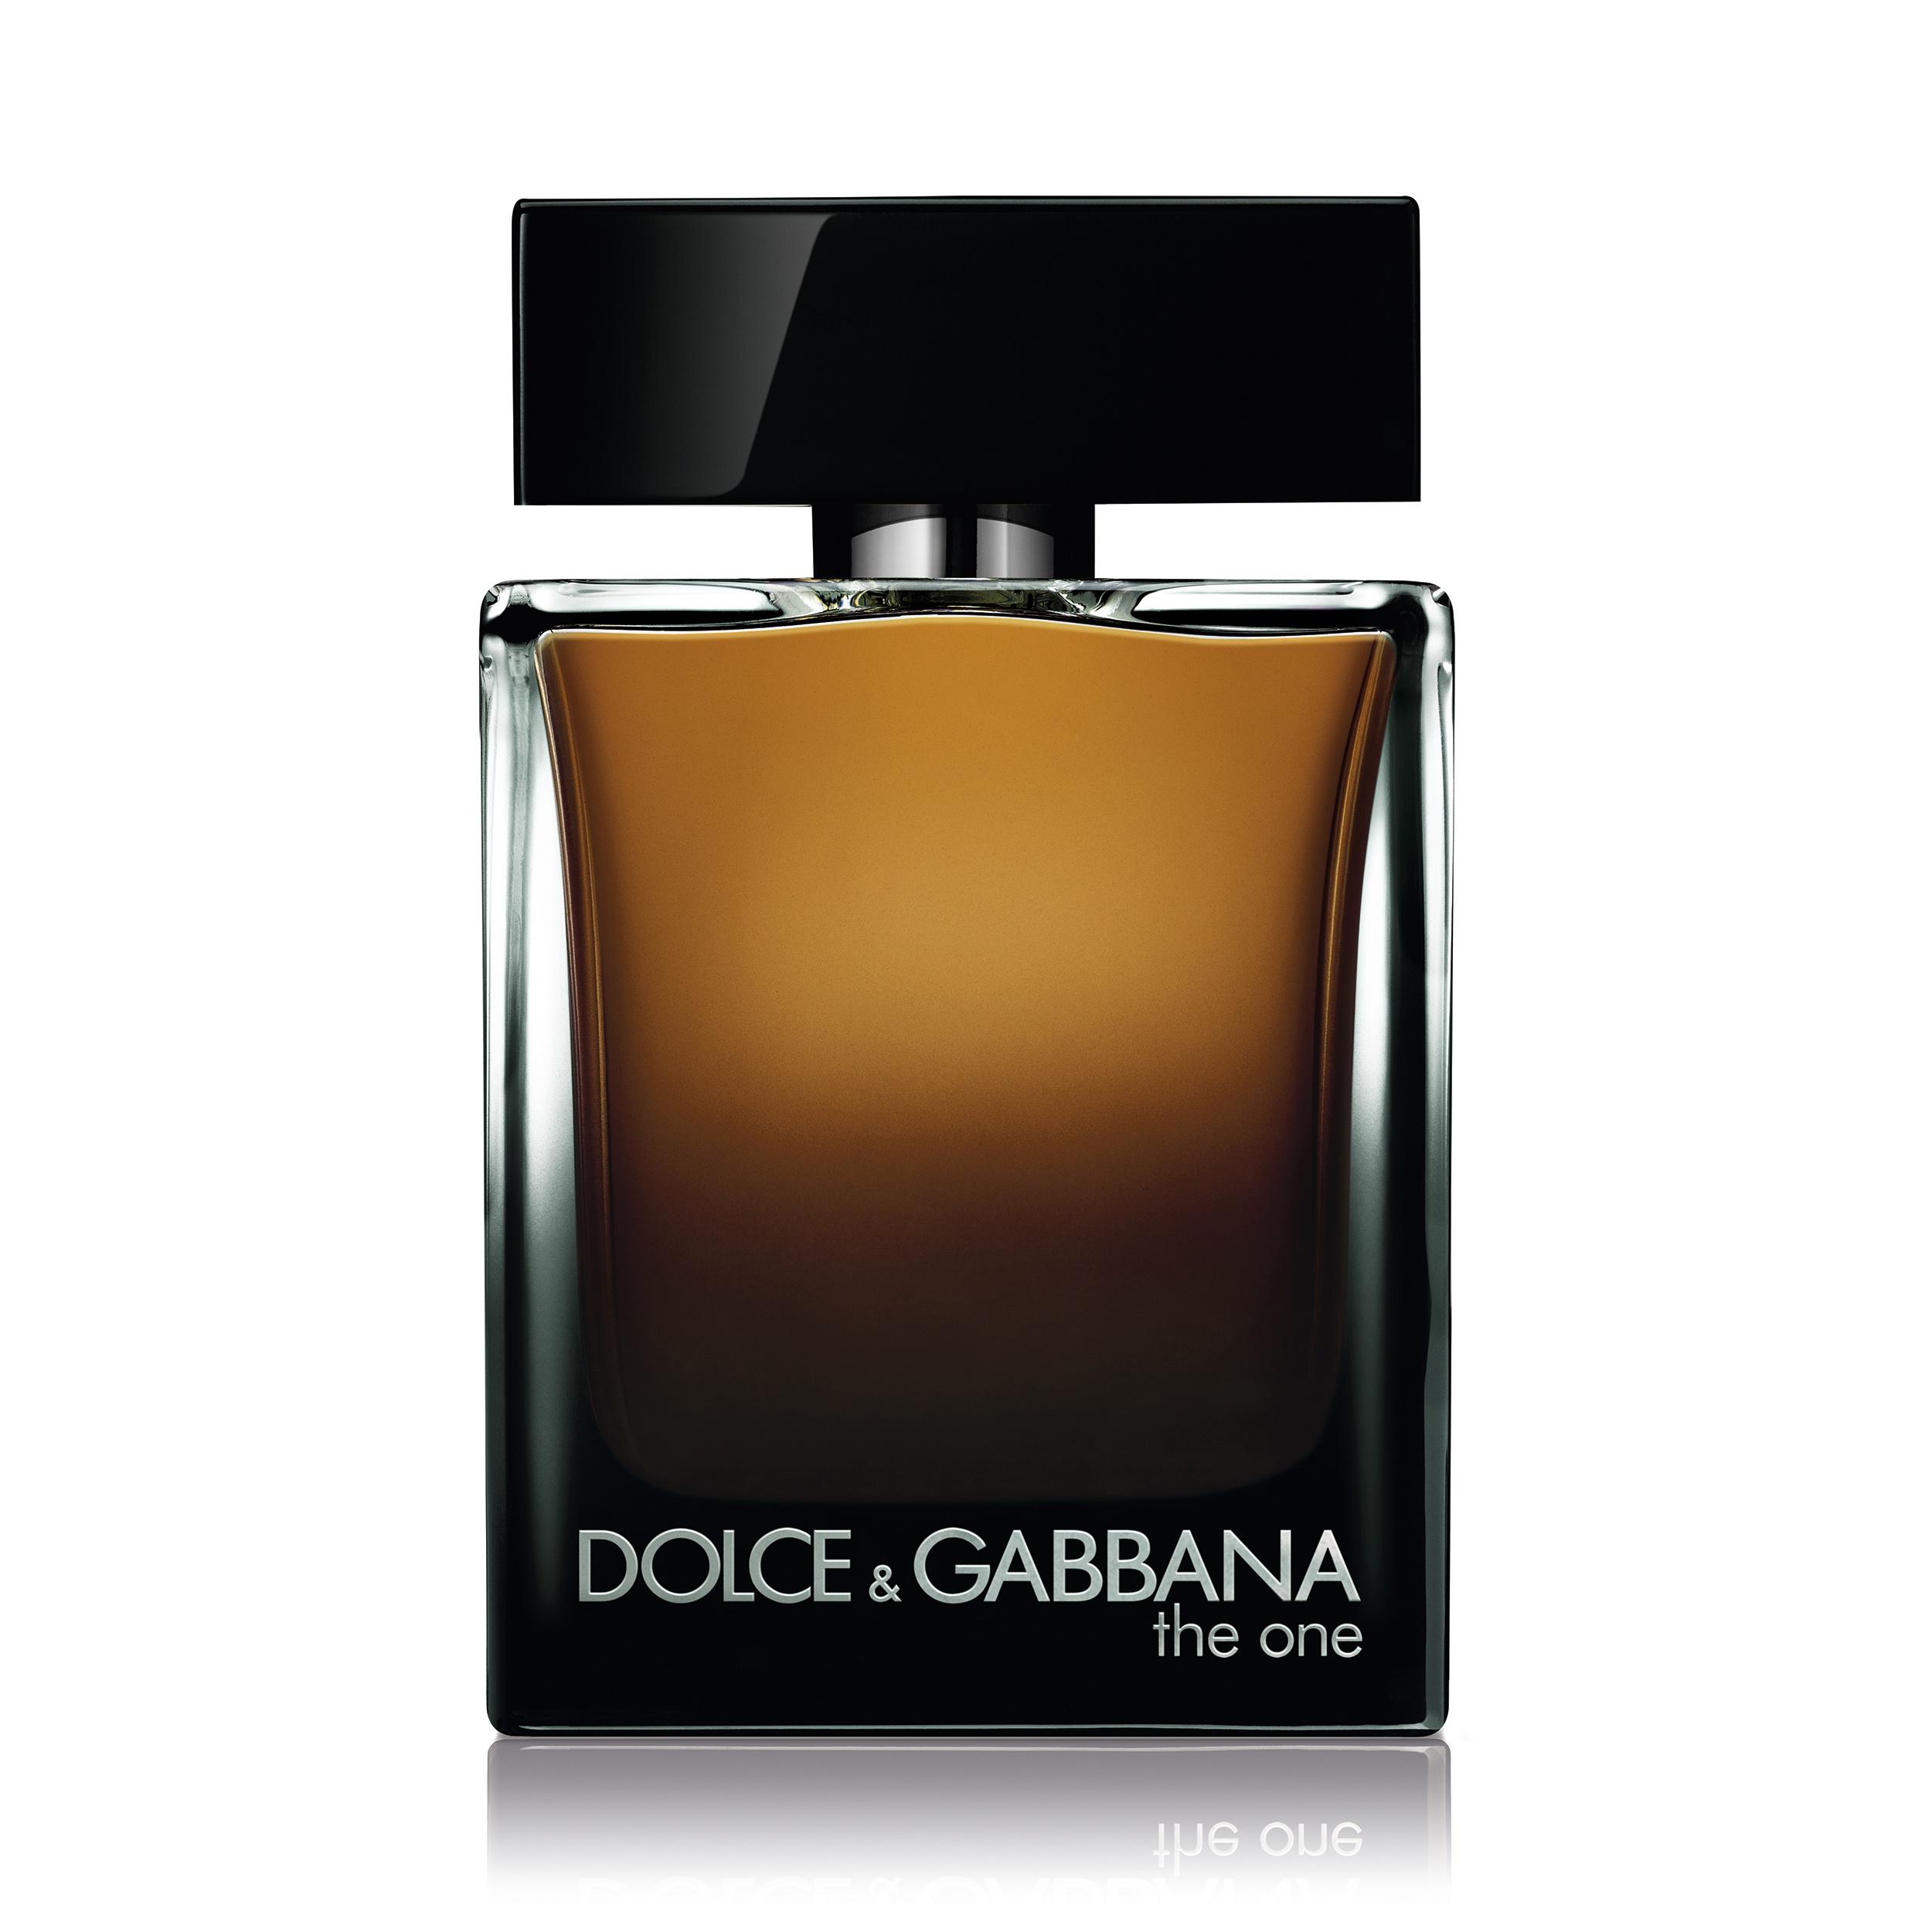 Dolce & Gabbana The One For men EDP, 50 ml